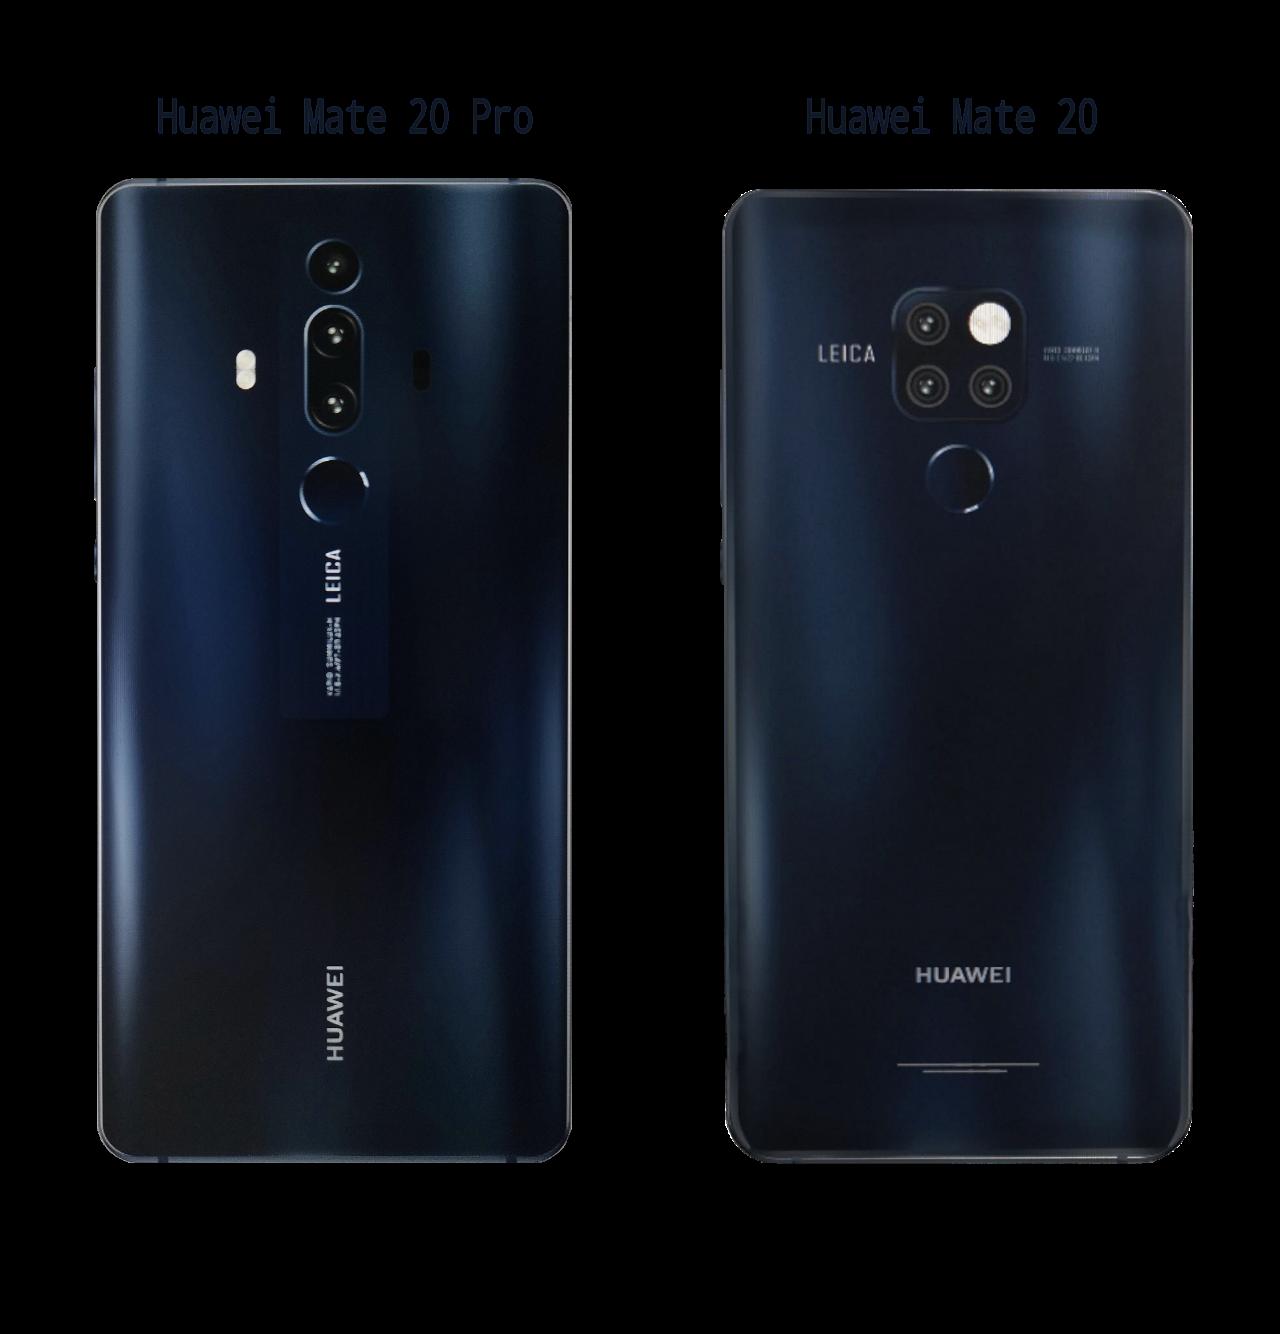 Huawei Mate 20 & Huawei Mate 20 Pro